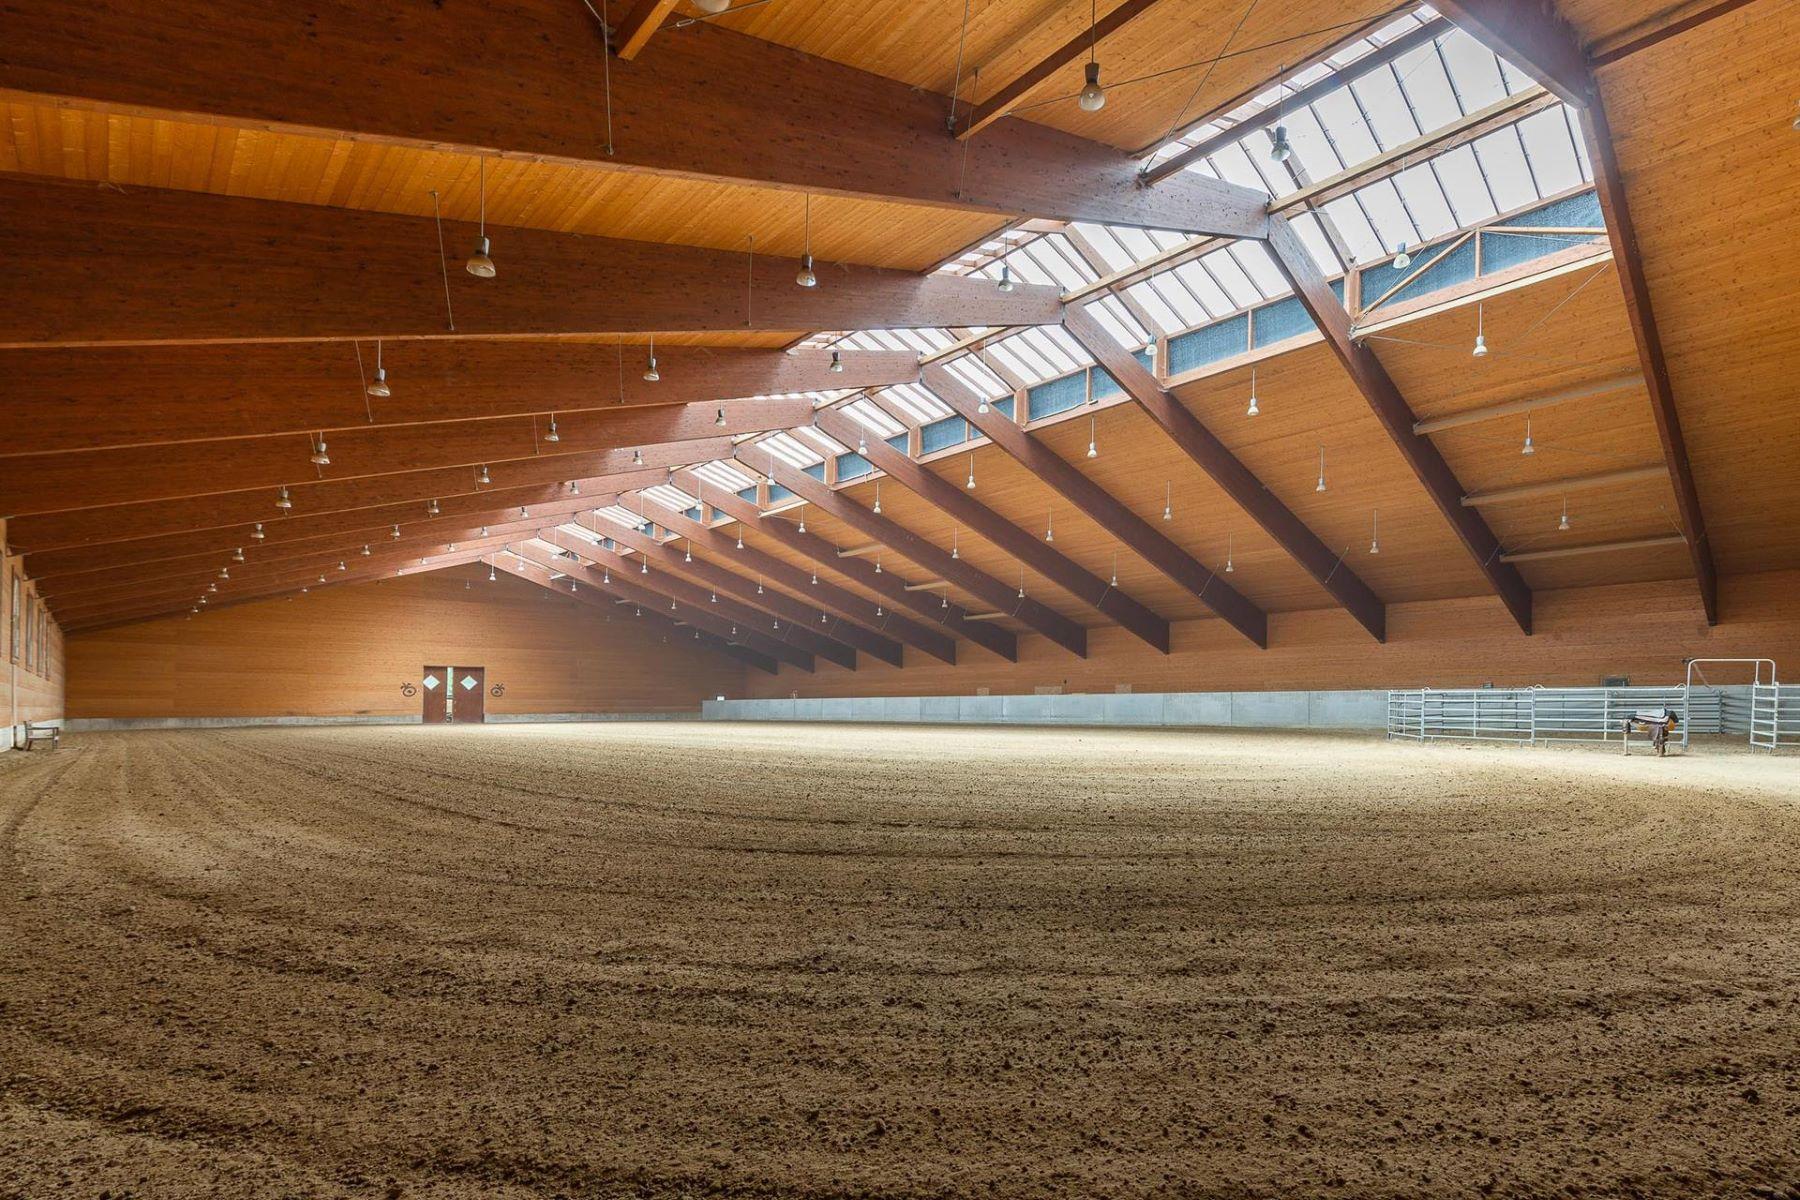 农场 / 牧场 / 种植园 为 销售 在 Province of Liege I Equestrian Property Amel, Liege 4770 比利时